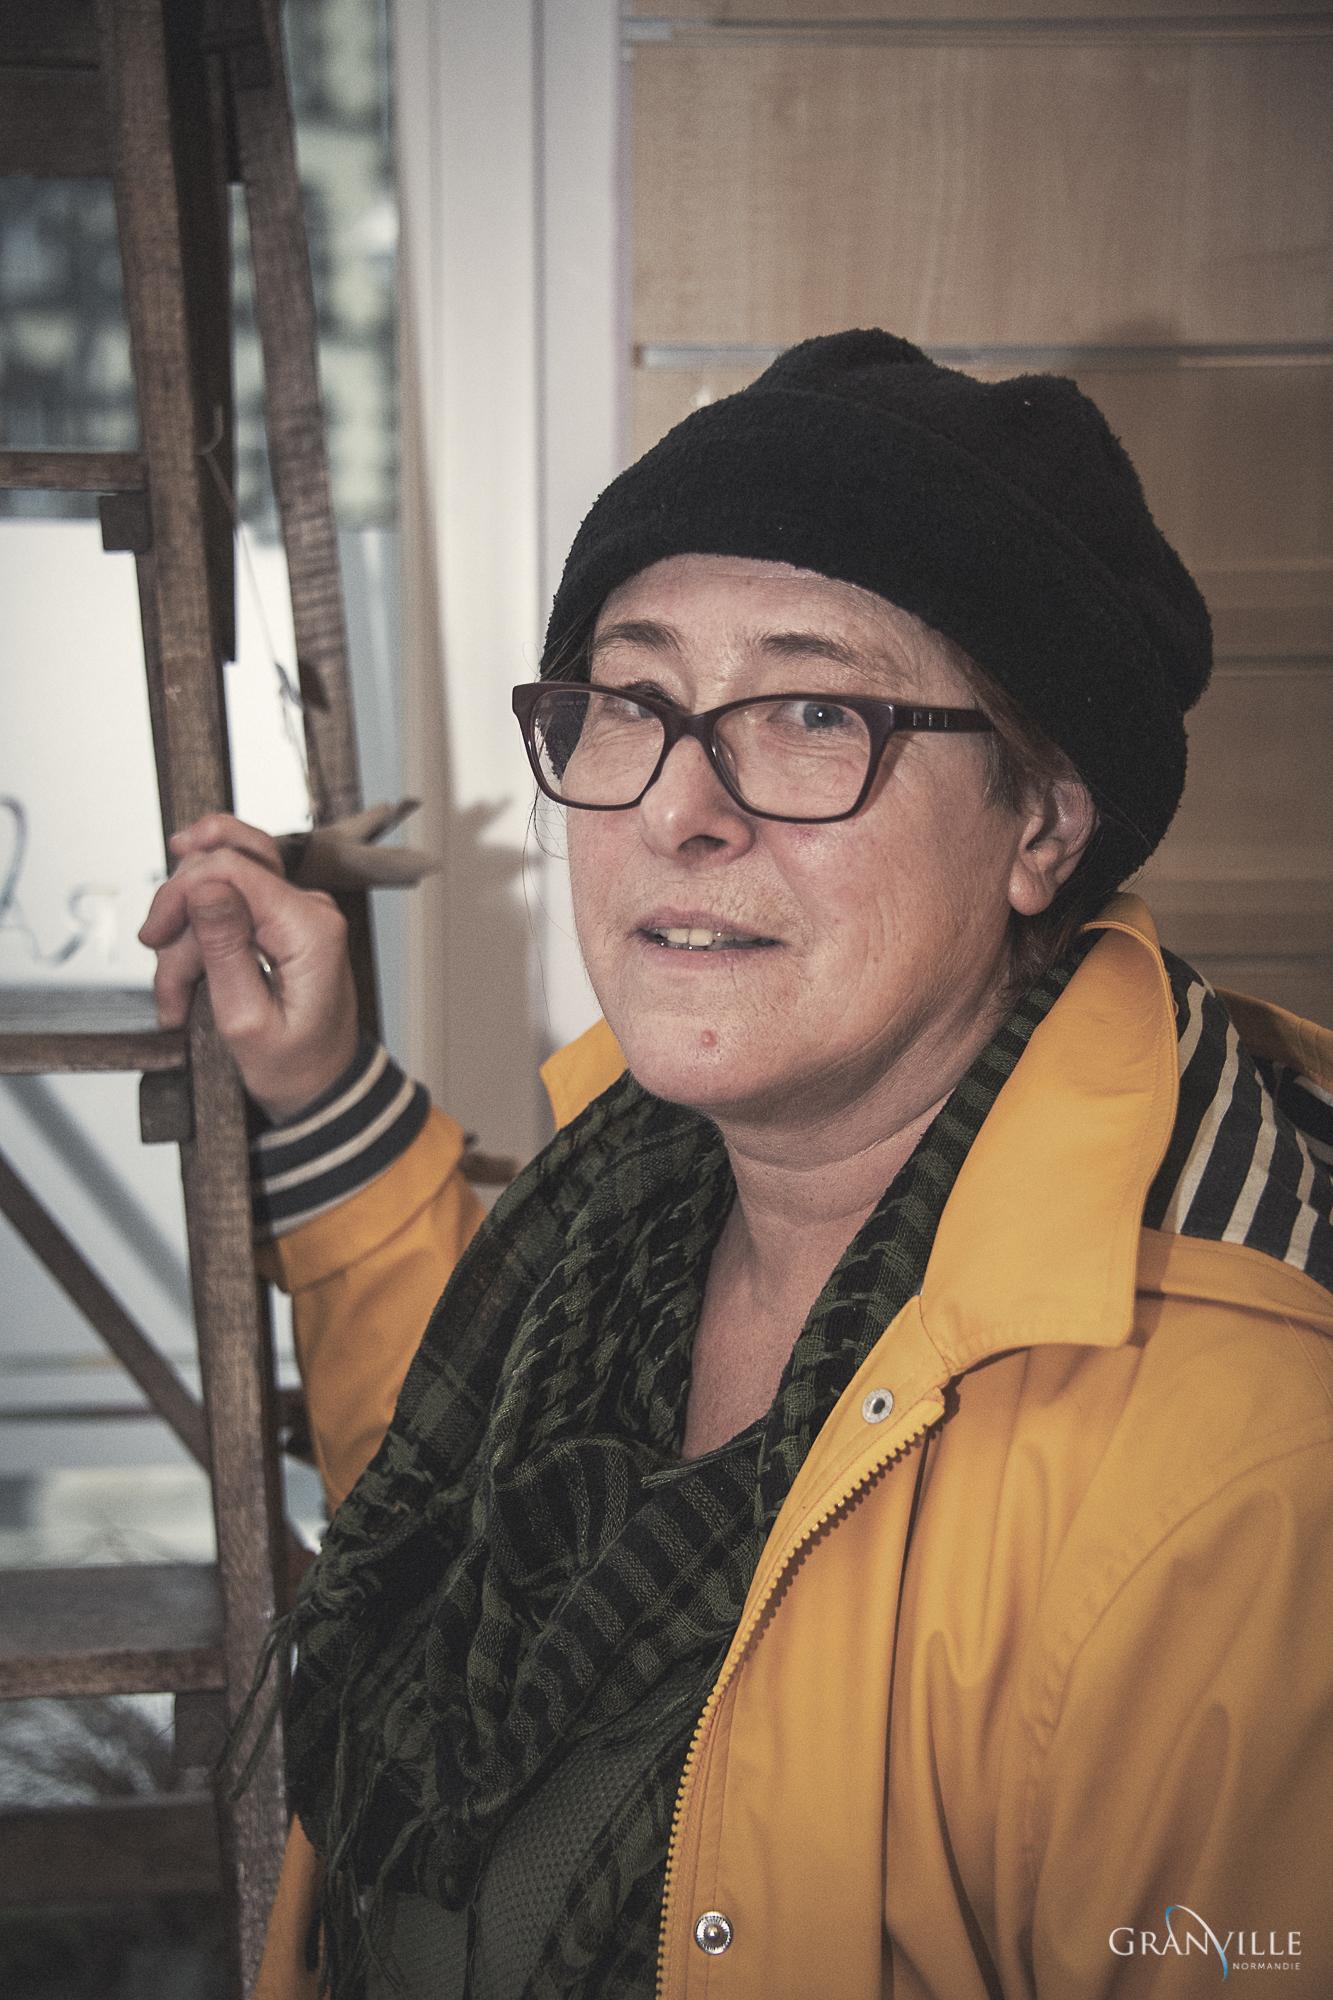 Christine Desfoux, créatrice, expose dans l'espace éphémère des créateurs de Granville durant les fêtes de fin d'année 2019.